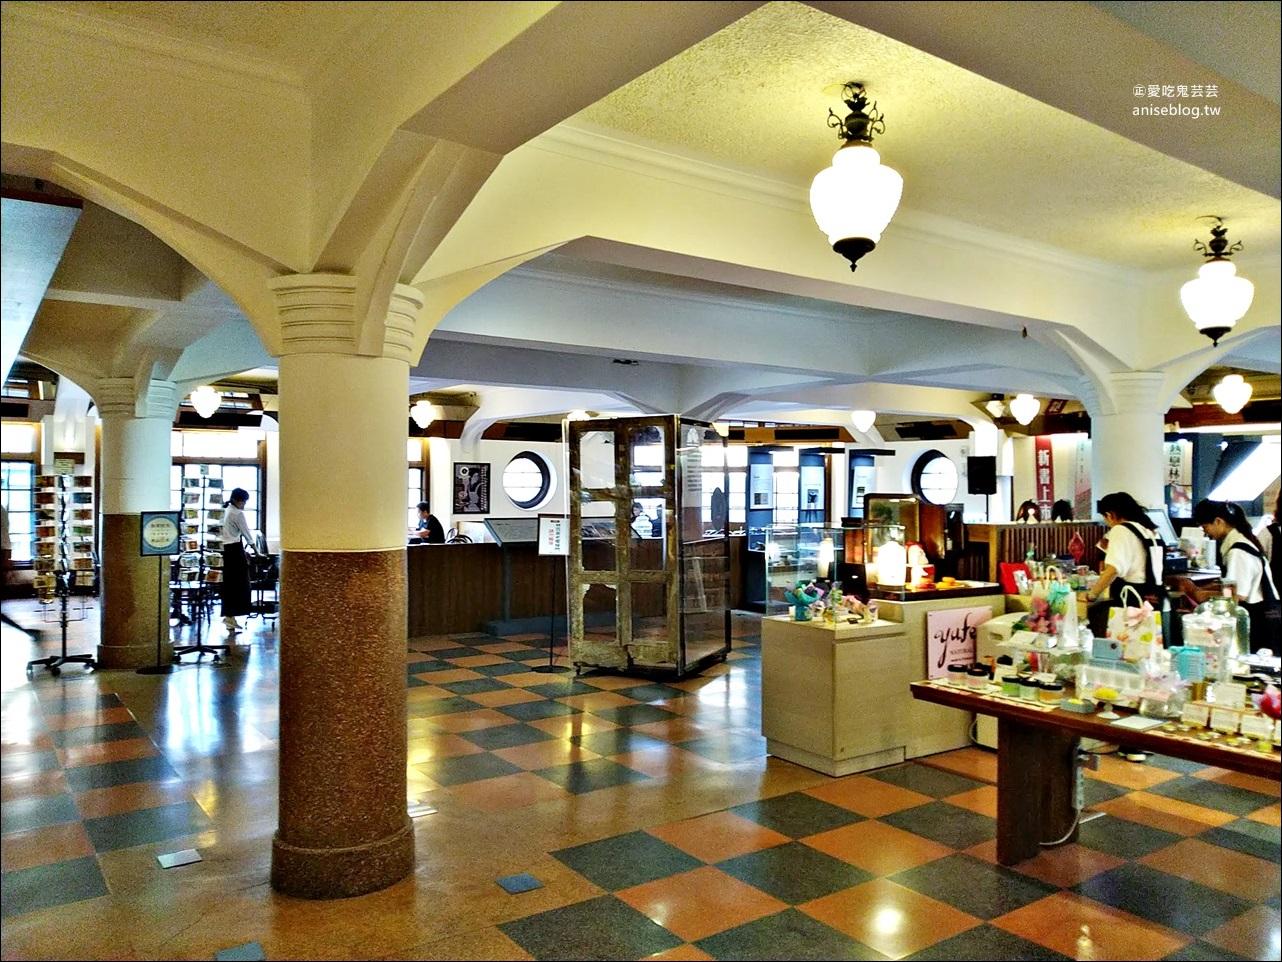 林百貨,古蹟活化觀光景點,台南中西區(姊姊遊記)